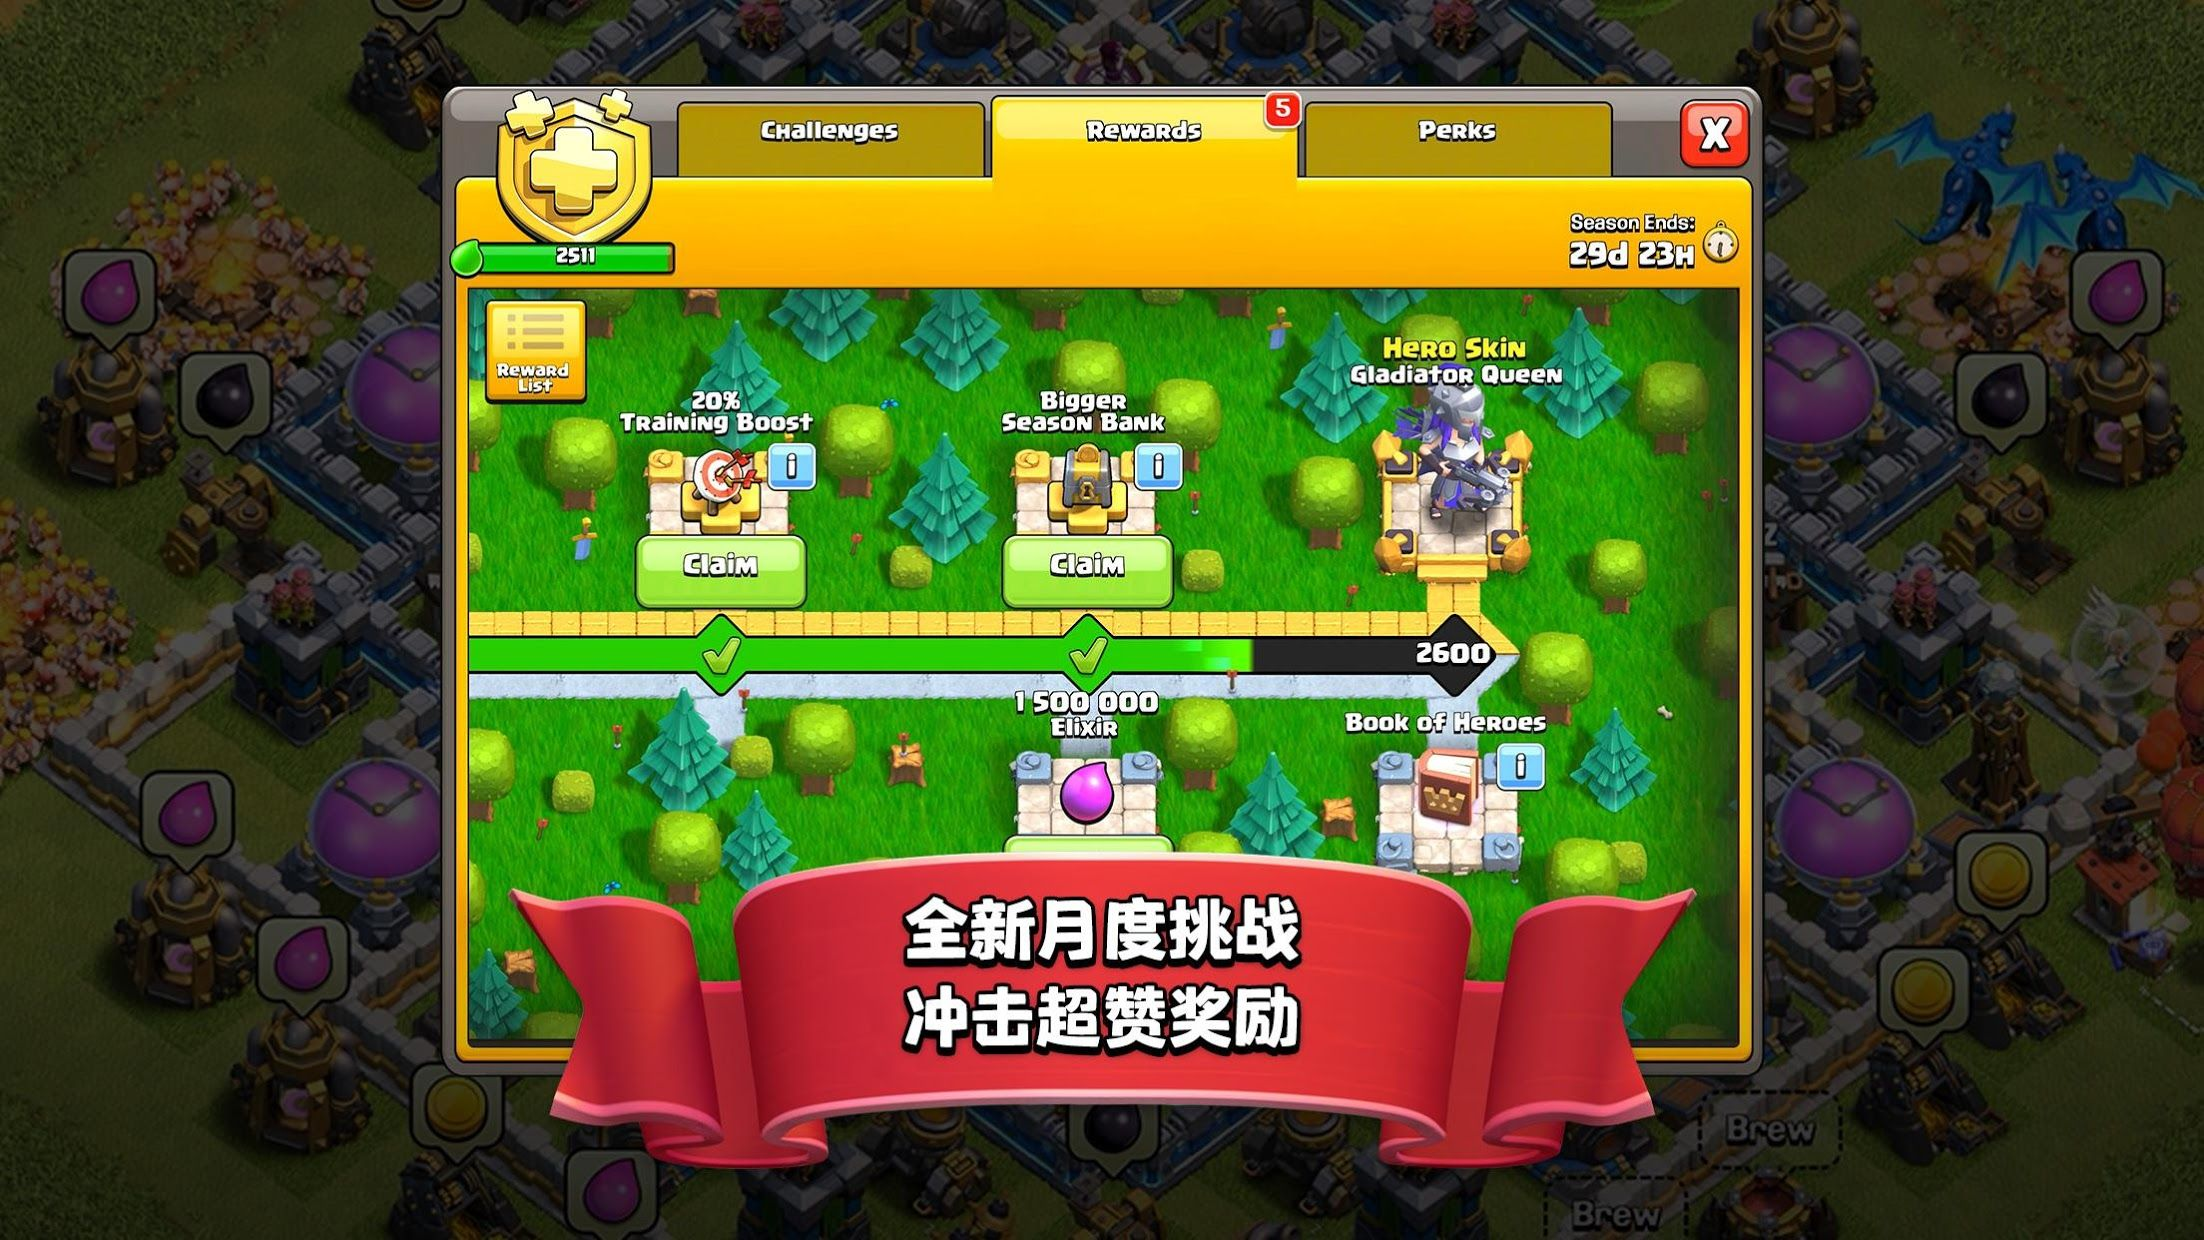 部落冲突(COC) 游戏截图1